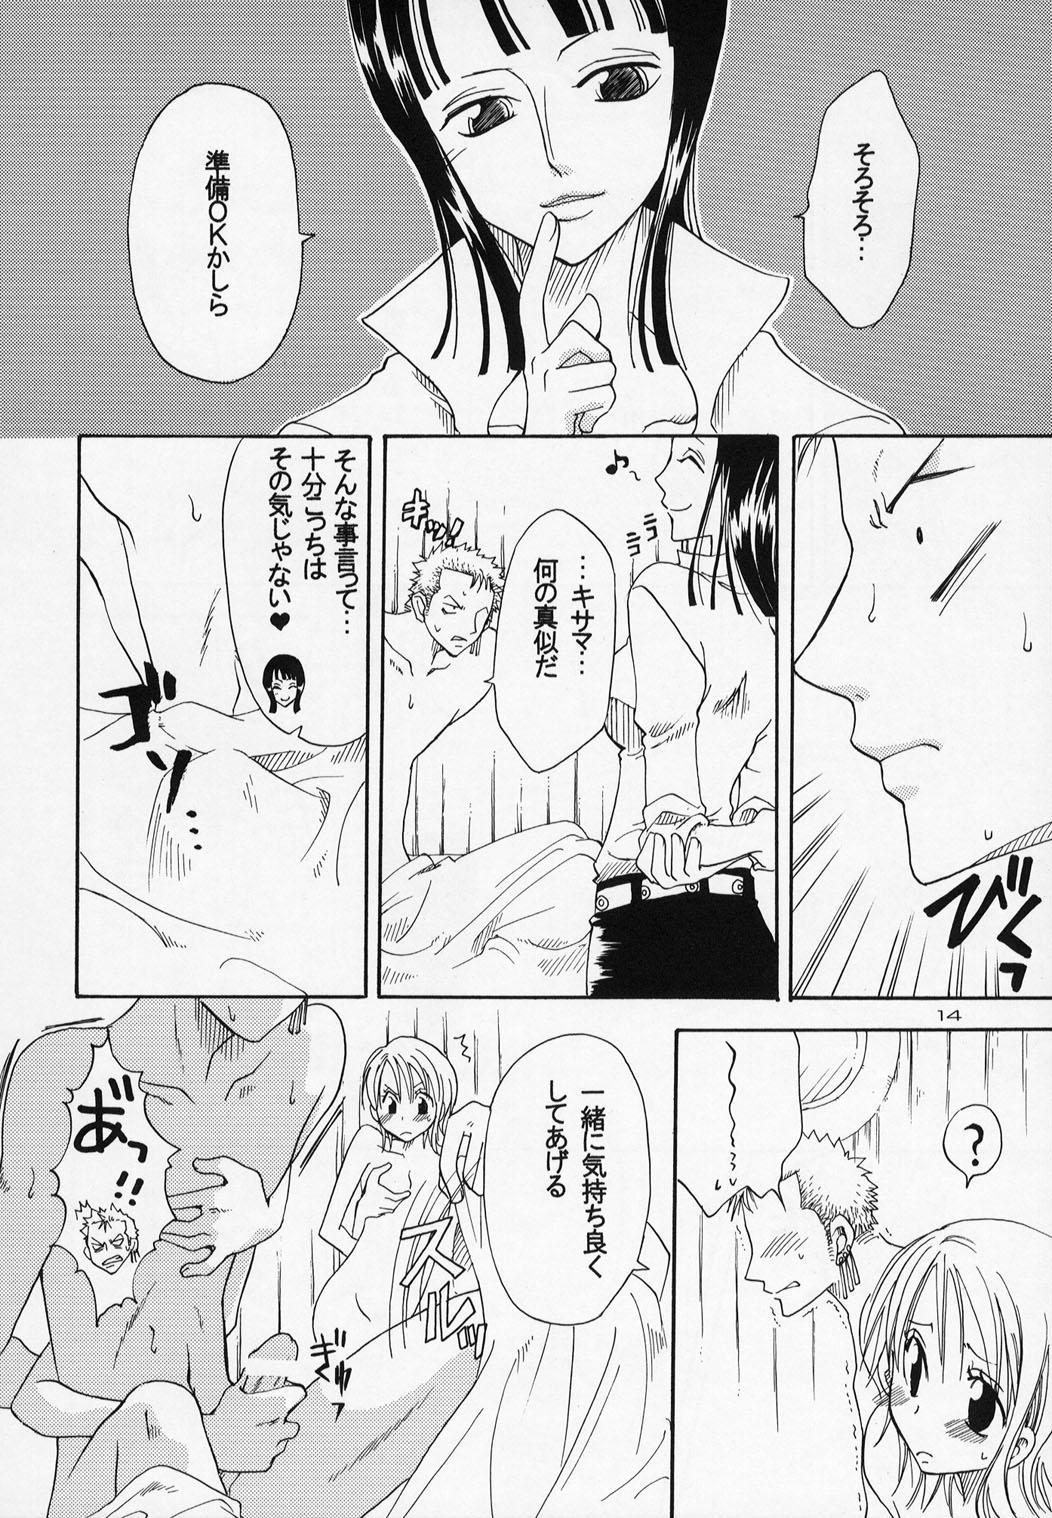 Shiawase Punch! 4 13